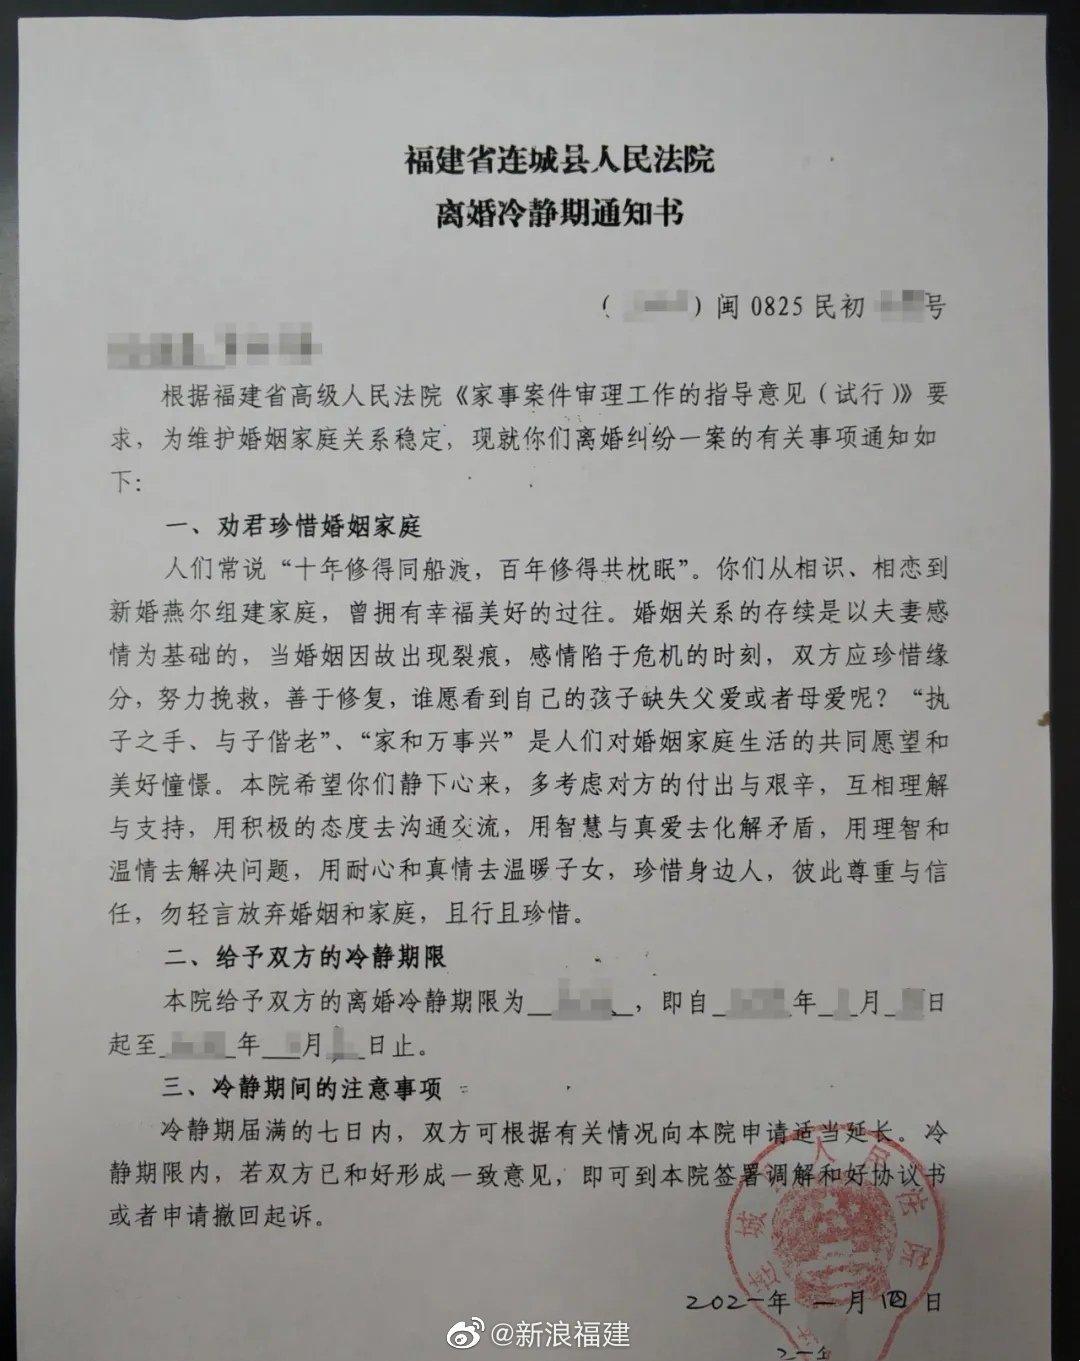 福建连城法院发出首张离婚冷静期通知书